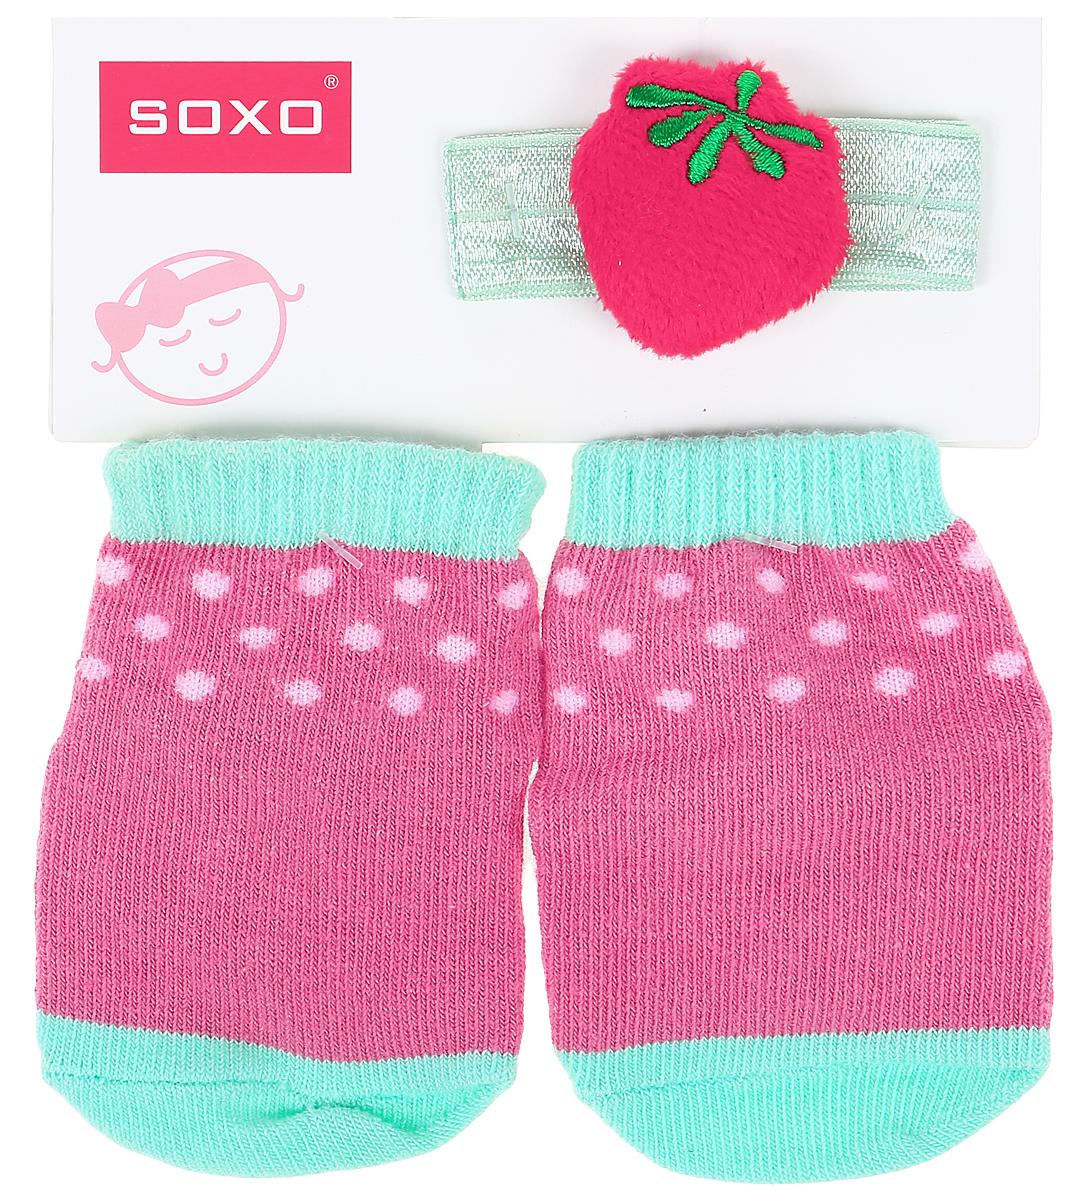 Комплект для девочек Soxo: носки и повязка на голову цвет: розовый, малиновый. 65014_1. Размер 16/1865014_1